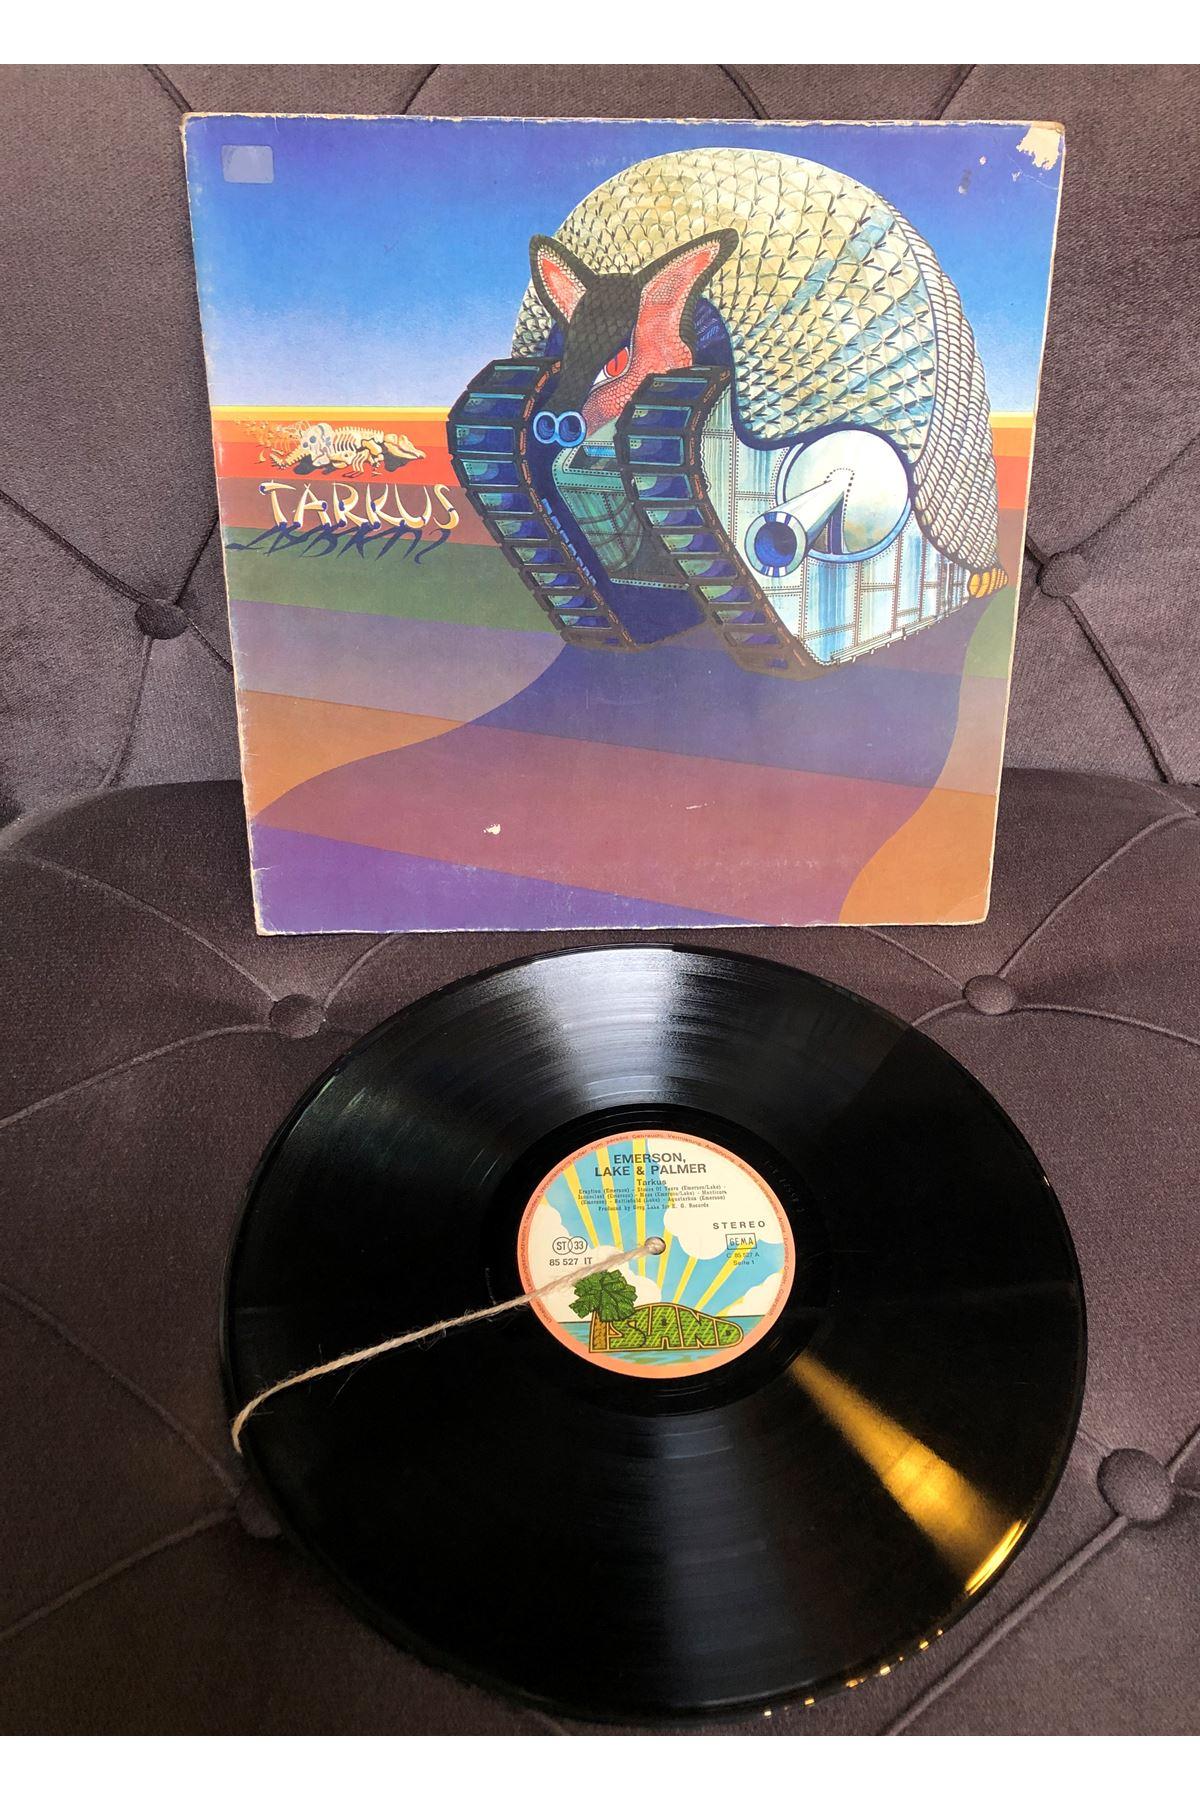 Emerson, Lake & Palmer - Tarkus 33'lük Plak (Orijinal Dönem Baskı)